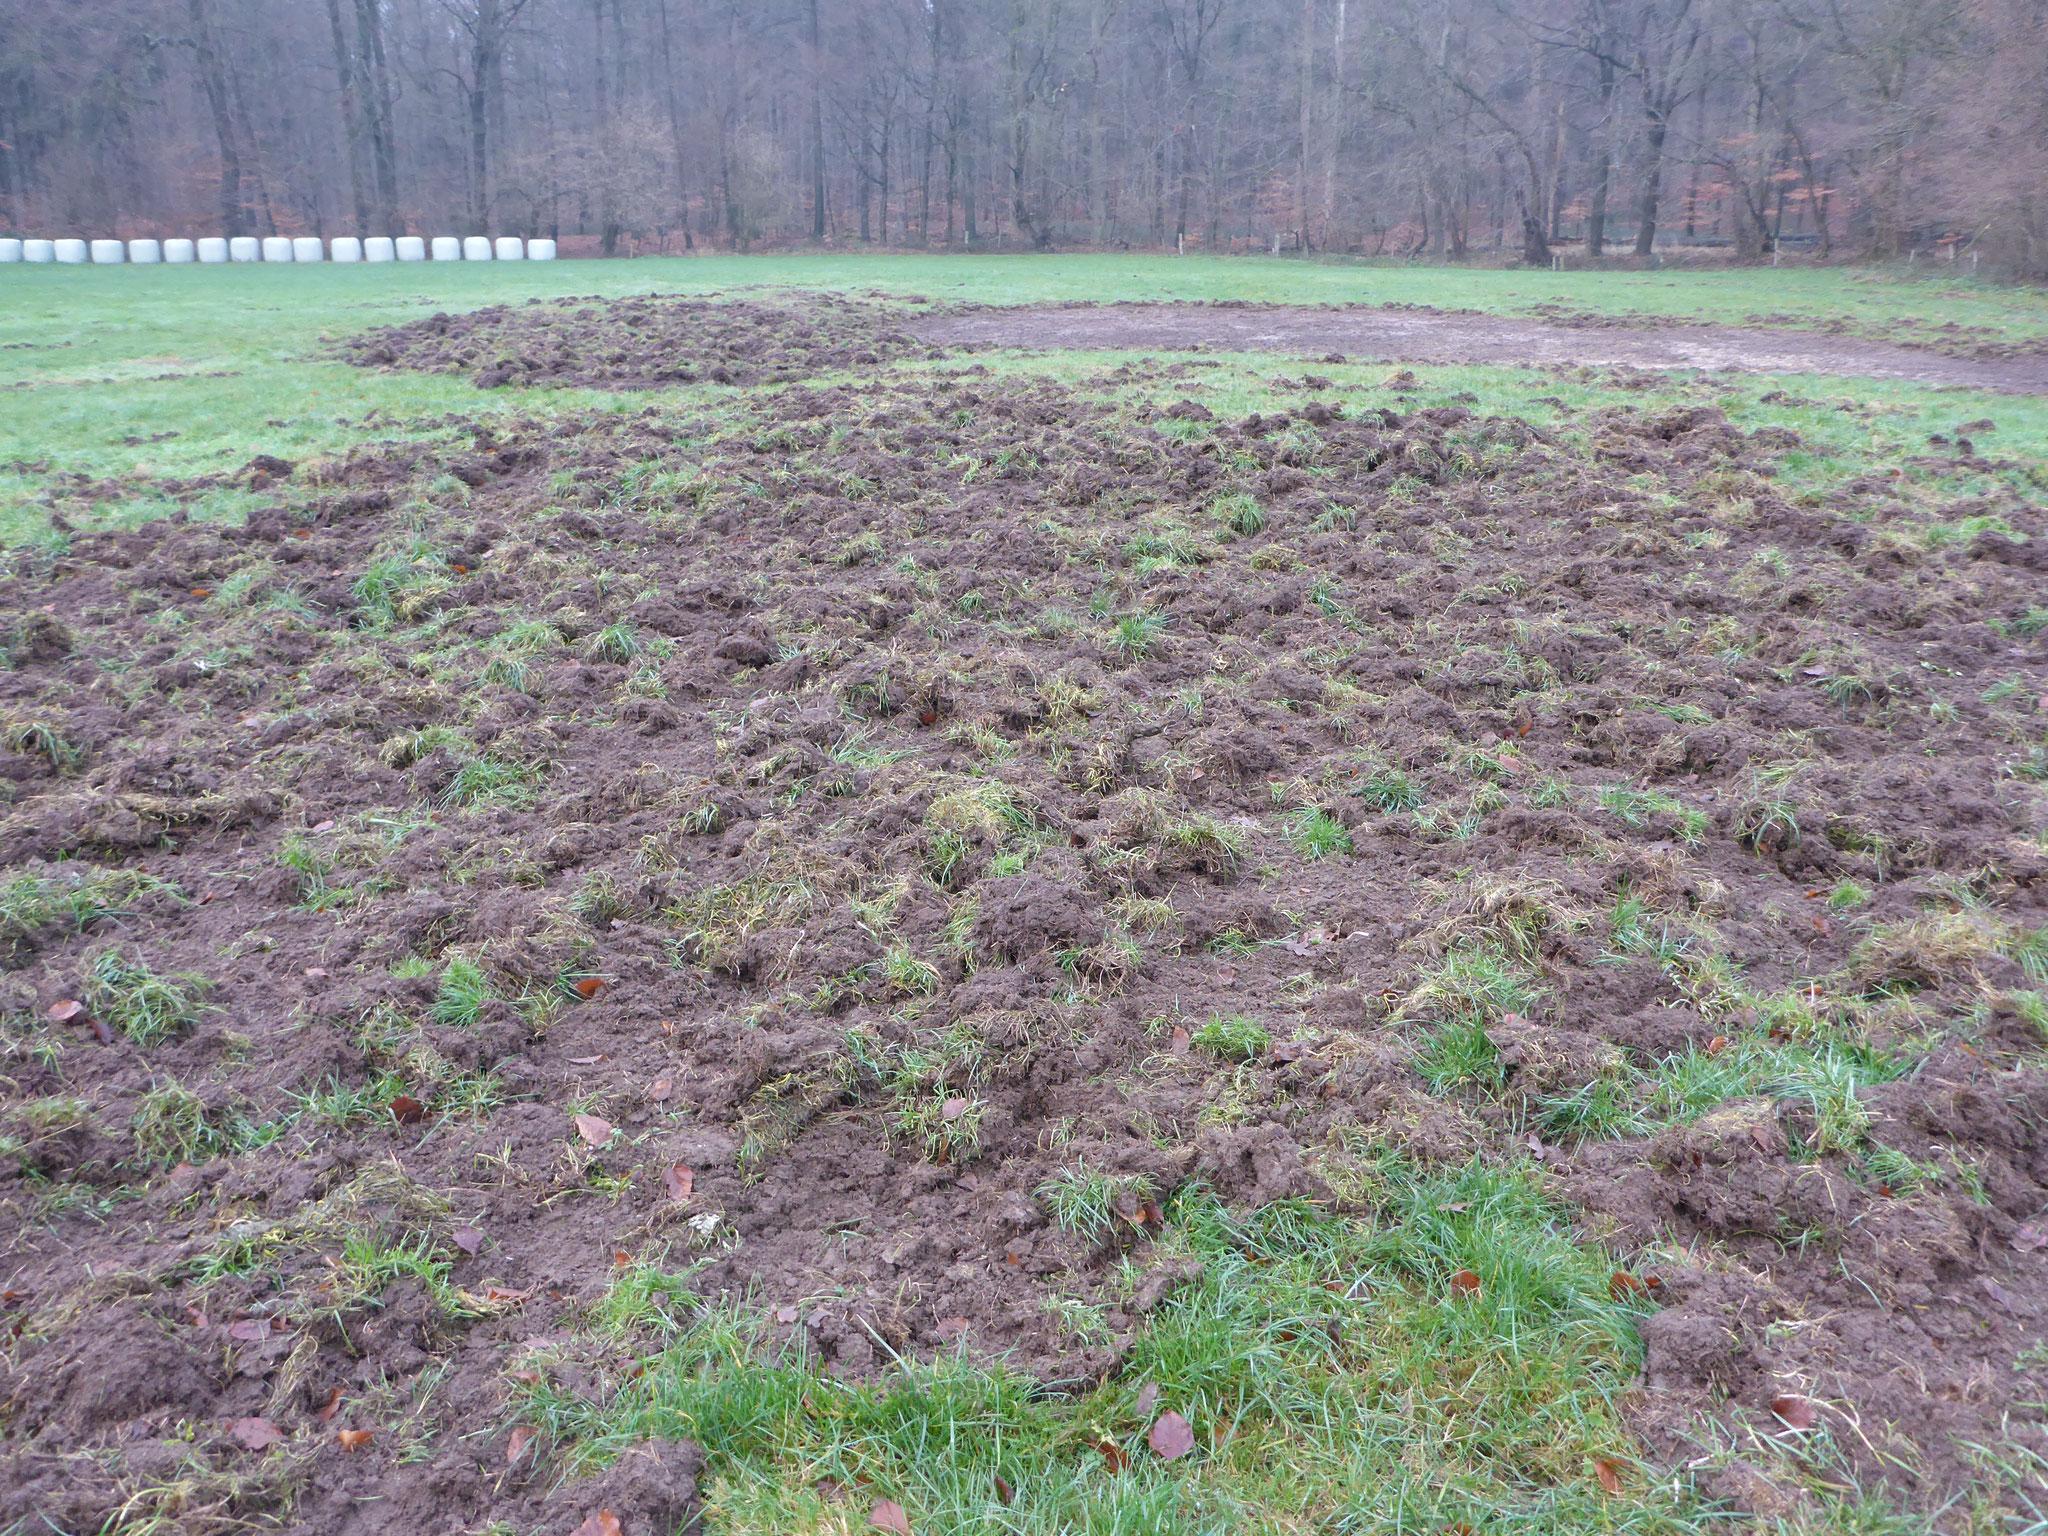 Die Wildschweine waren fleissig - diese Bereiche (insgesamt rund 1/4 der gesamten Fläche!) wurden im Frühjahr mit einer Regio-Saatgutmischung aus heimischen Wildpflanzen eingesät.